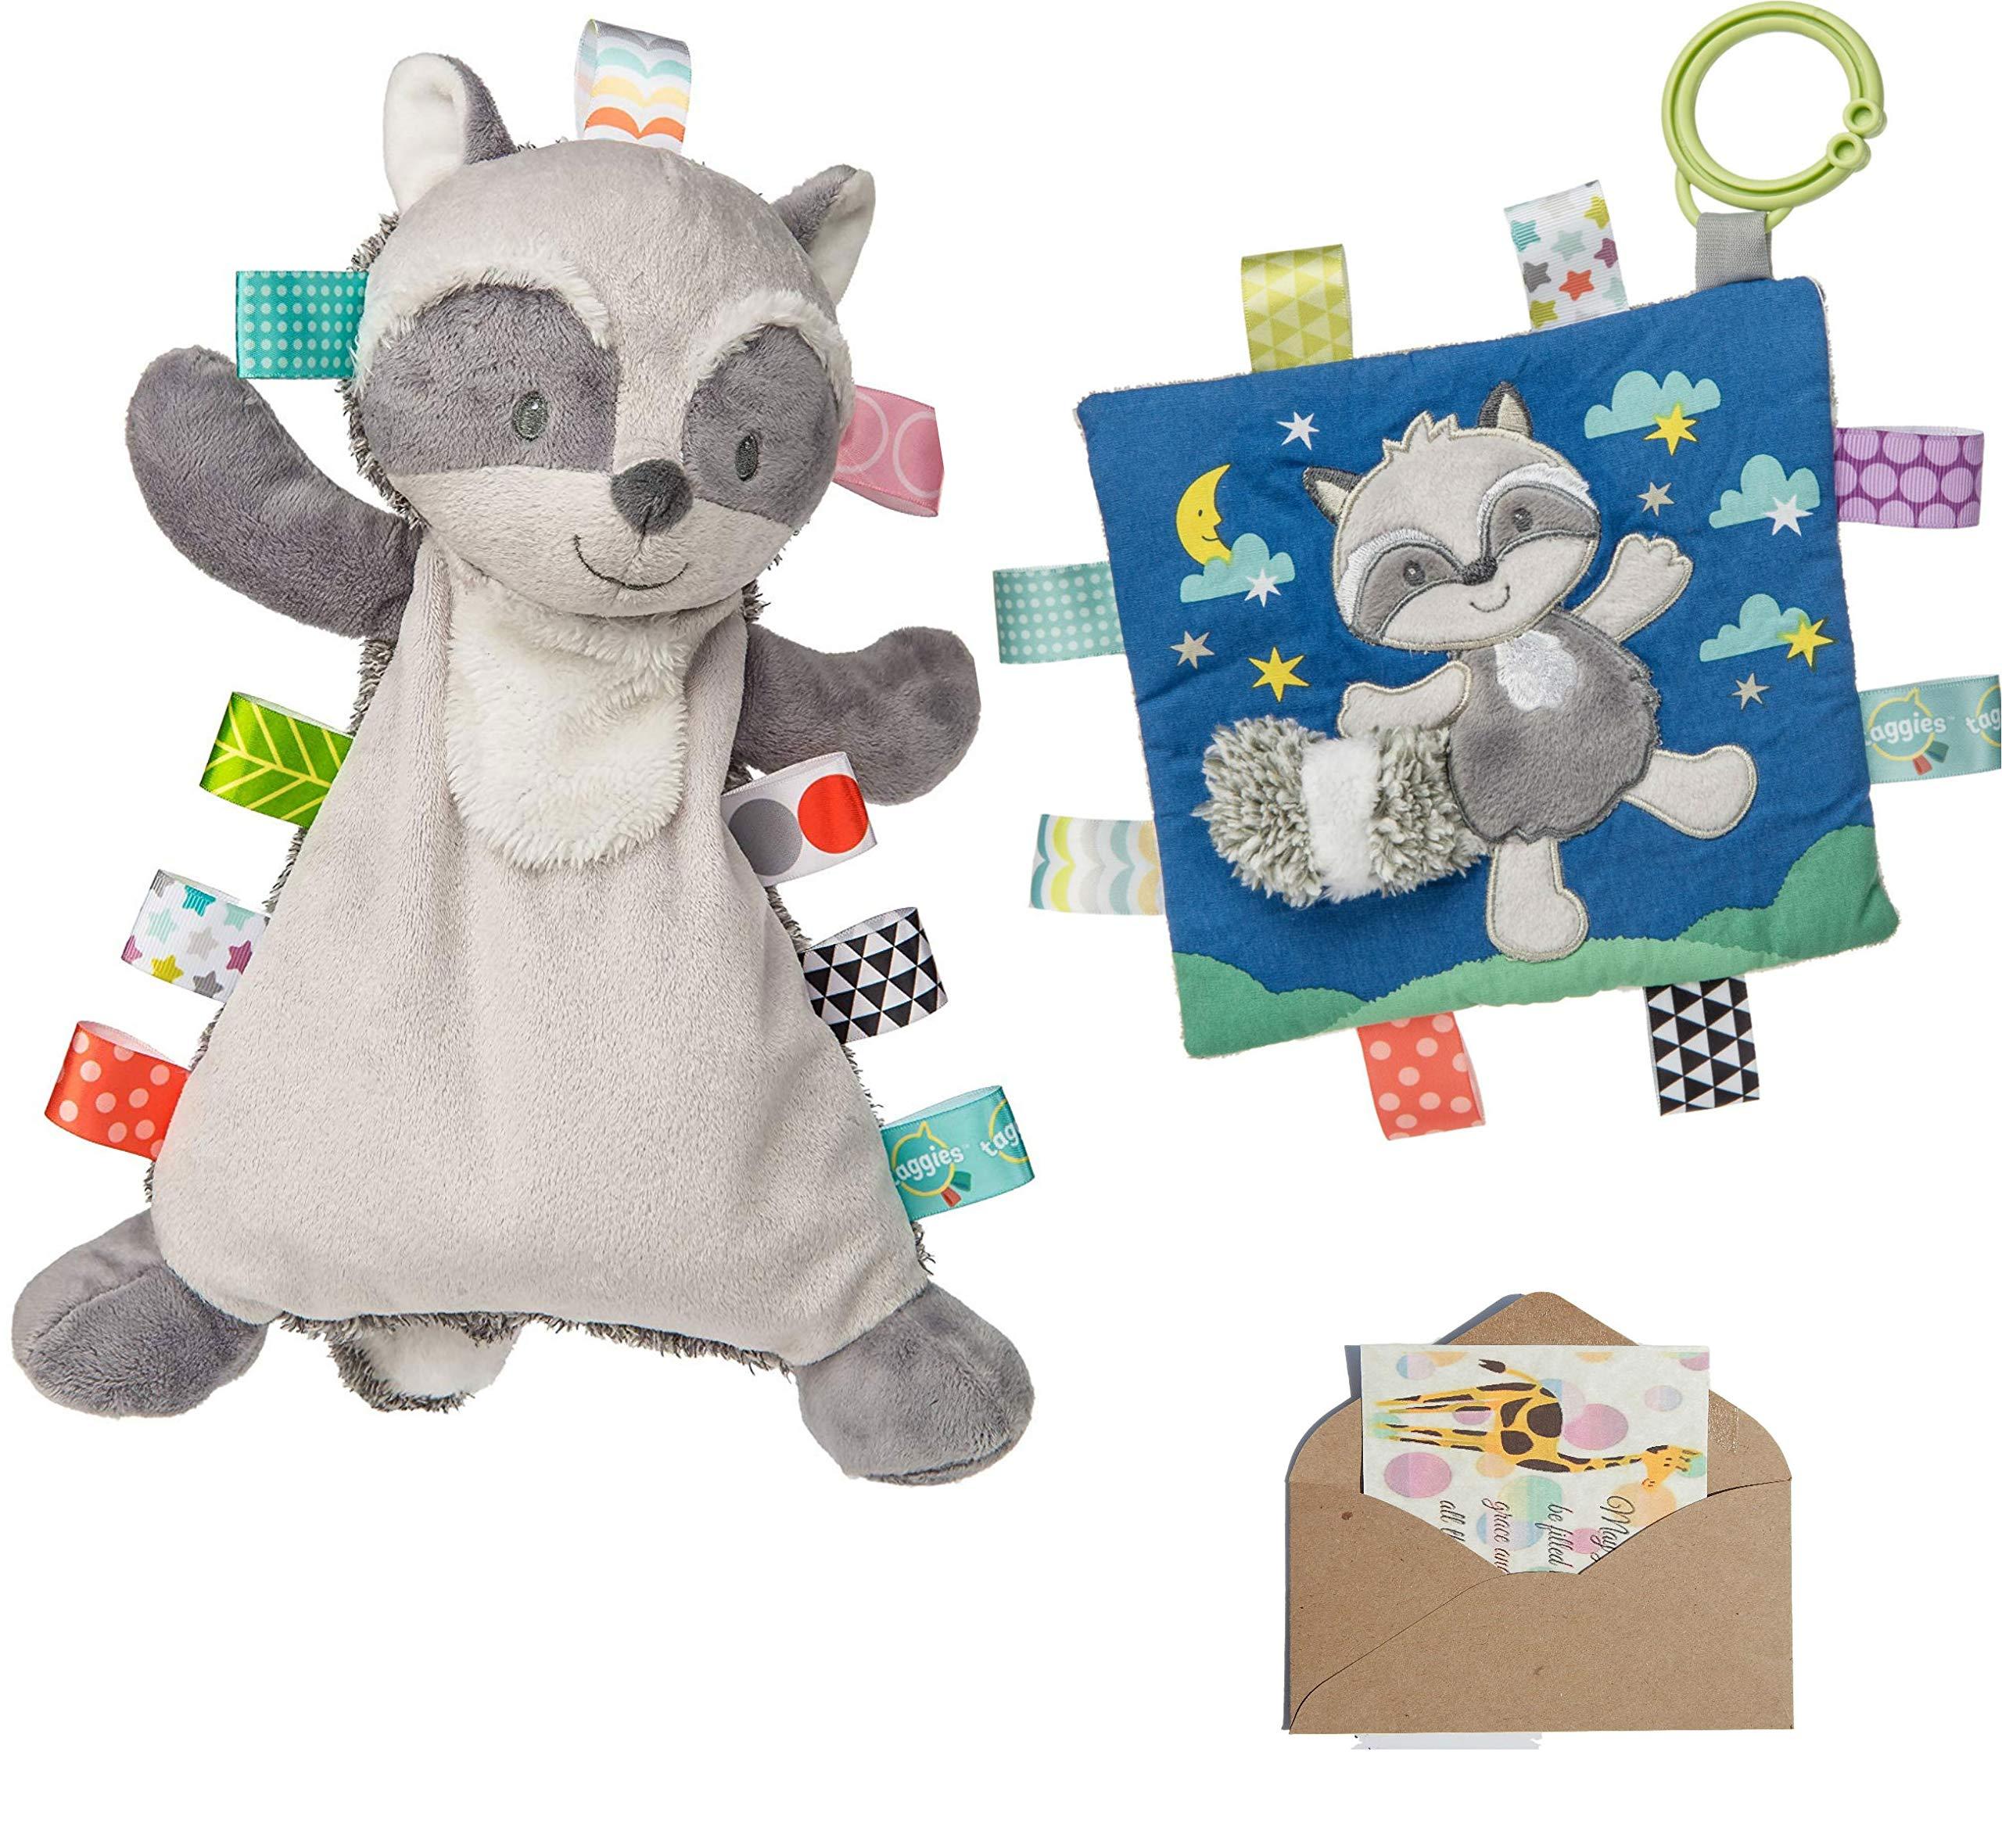 TAGGIES 哈雷浣熊可爱和褶皱玩具 - 赠送迷你卡片-3 件物品